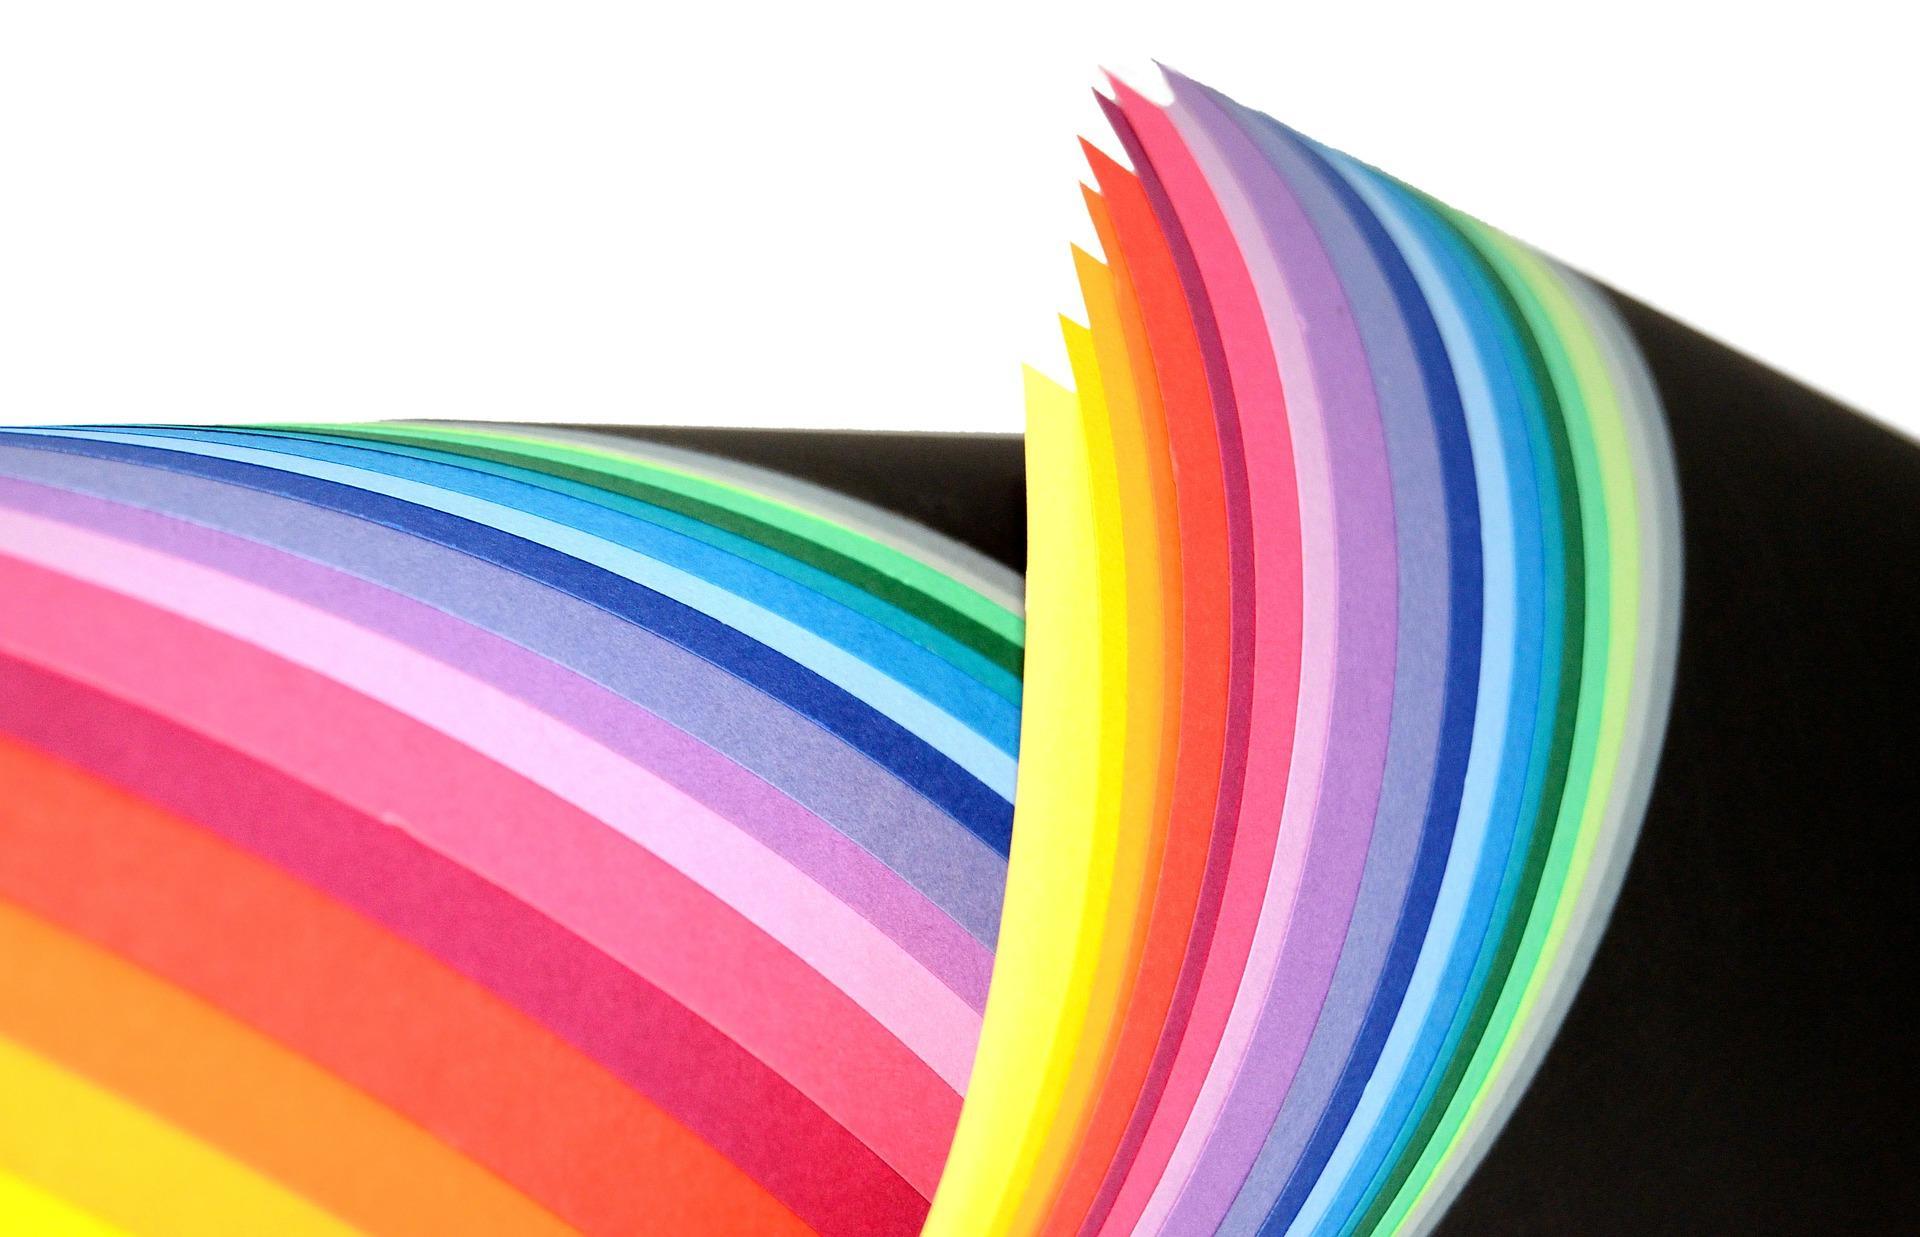 papier-fond-ecran-de-toutes-les-couleurs_telecharger